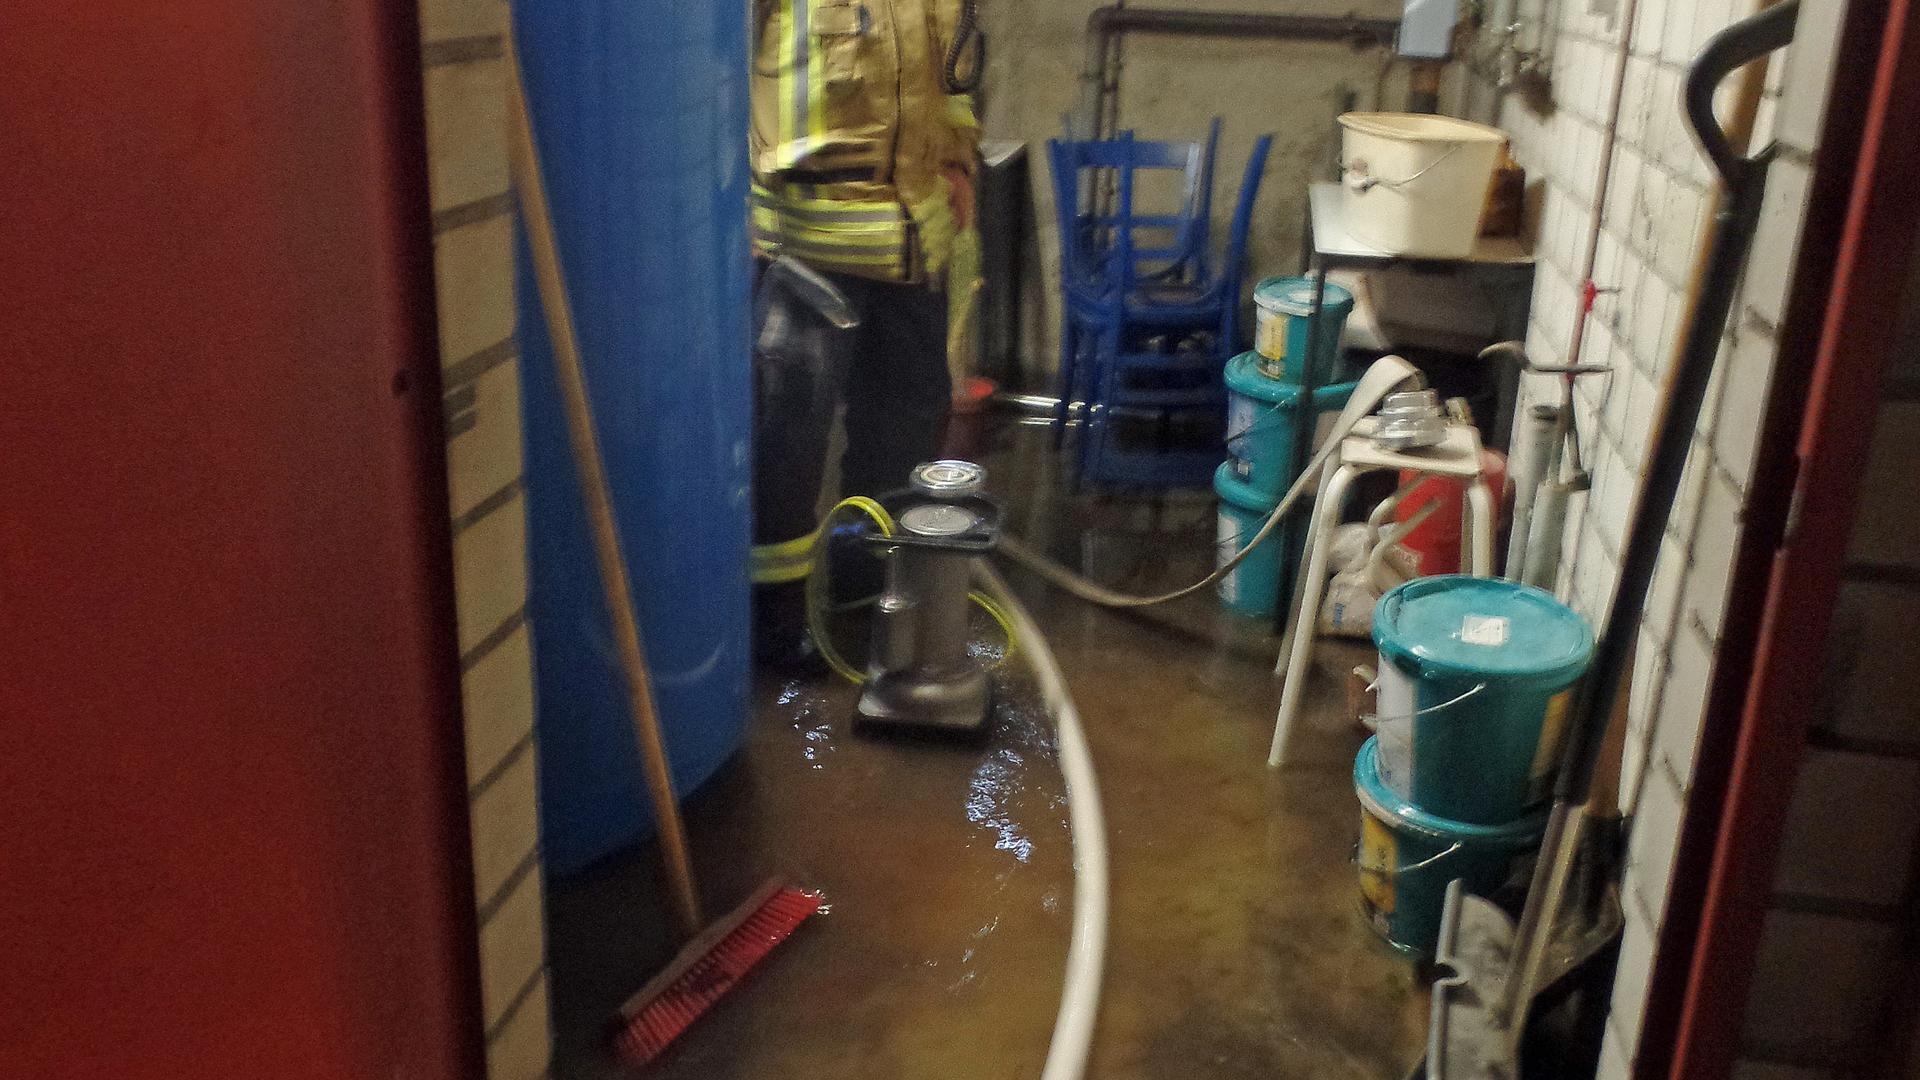 Starkregen mit Folgen: In Ebersteinburg laufen immer wieder Keller voll, weil der Abwasserkanal zu klein ist. Das Problem ist seit Jahren bekannt.